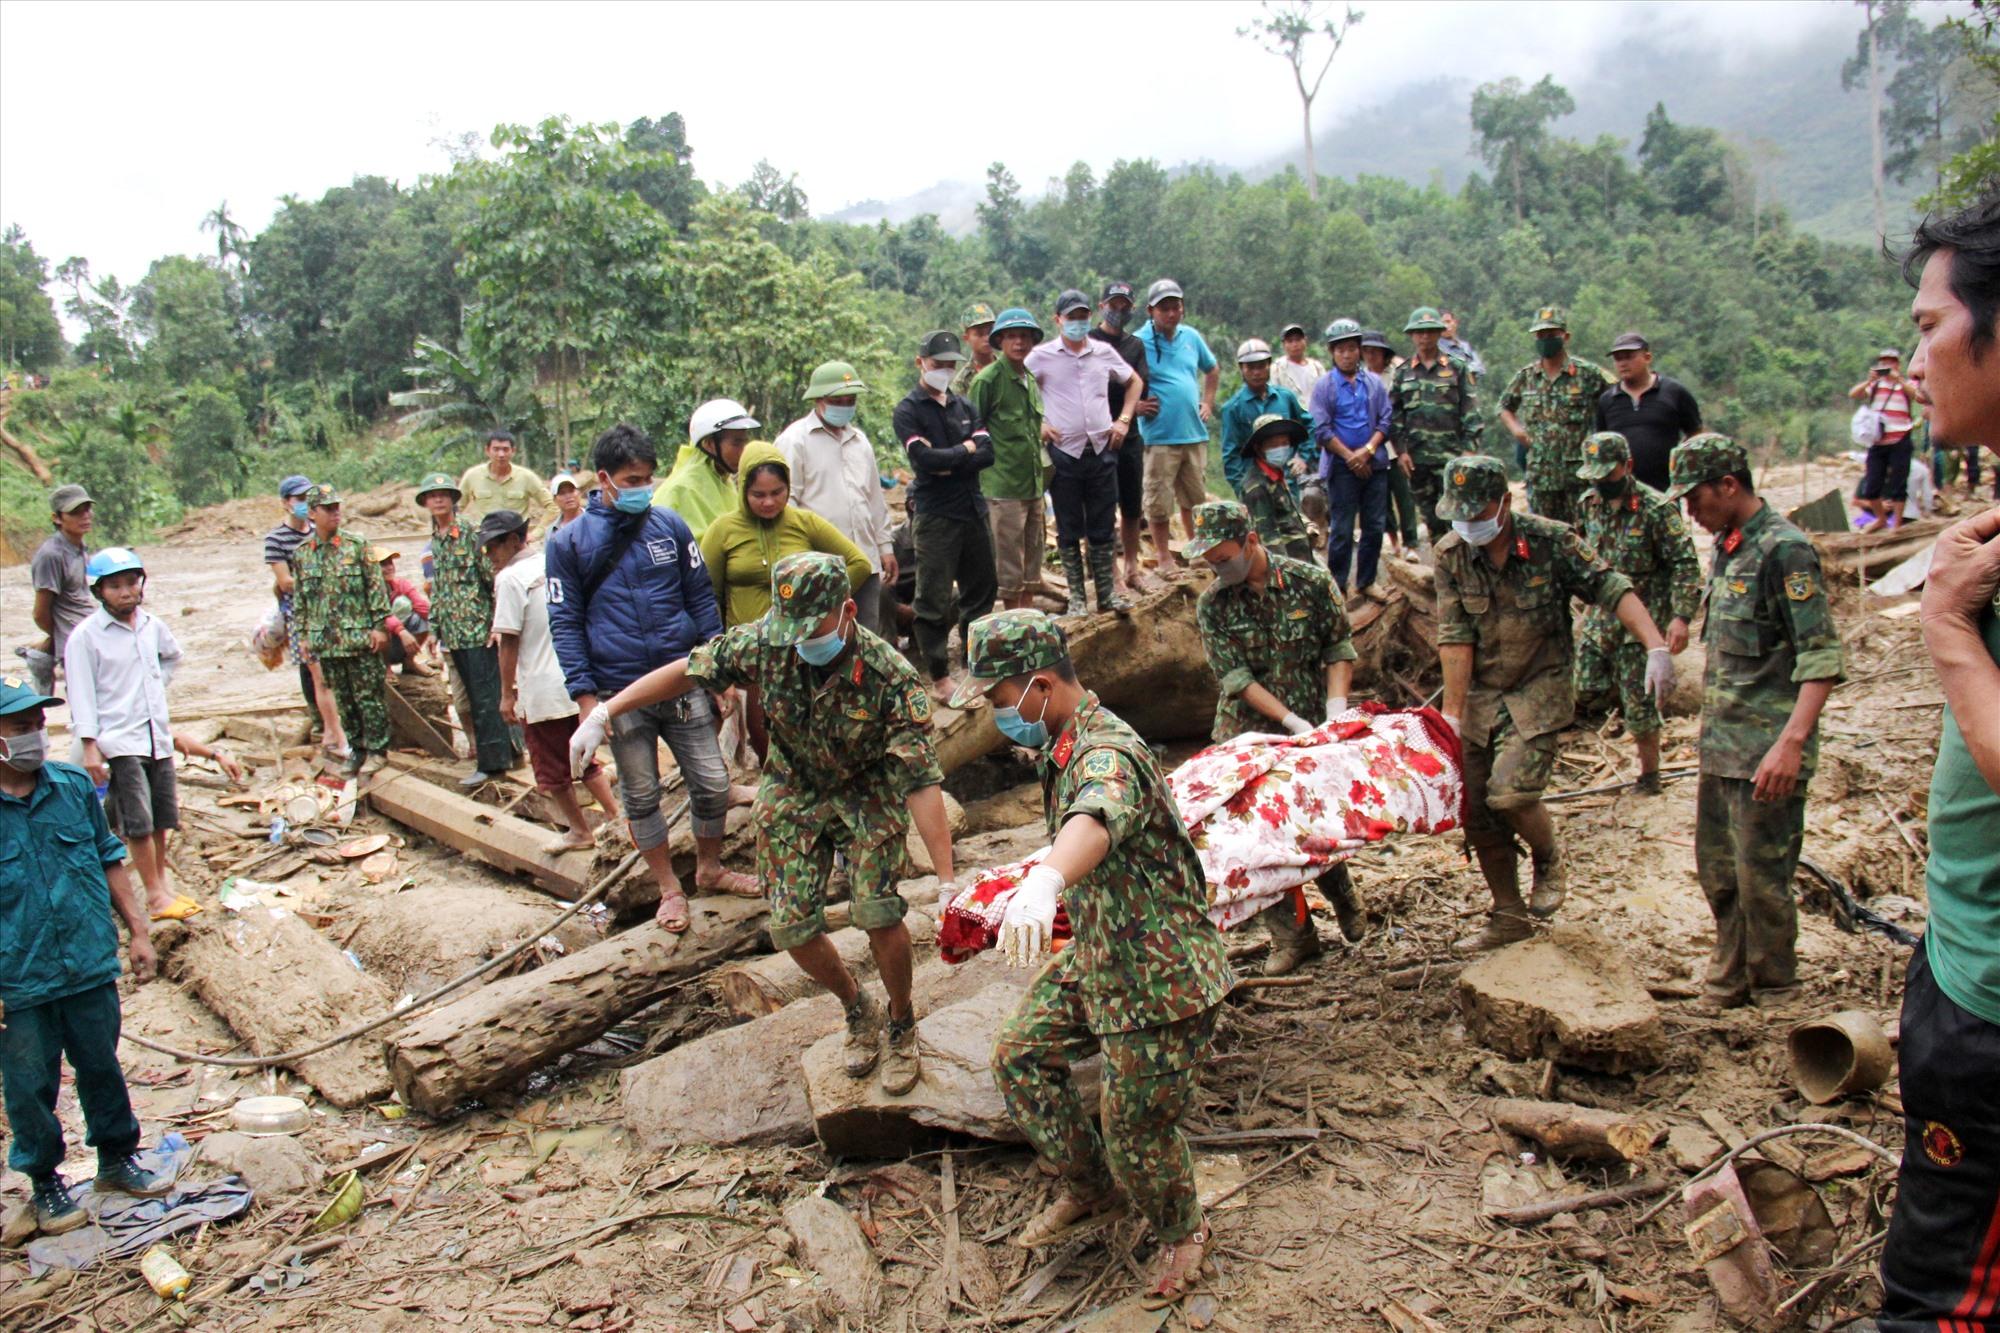 Với sự nỗ lực của lực lượng cứu hộ, những thi thể nạn nhân mất tích dần được tìm thấy, phần nào ai ủi nỗi đau của gia đình gặp nạn. Ảnh: P.V